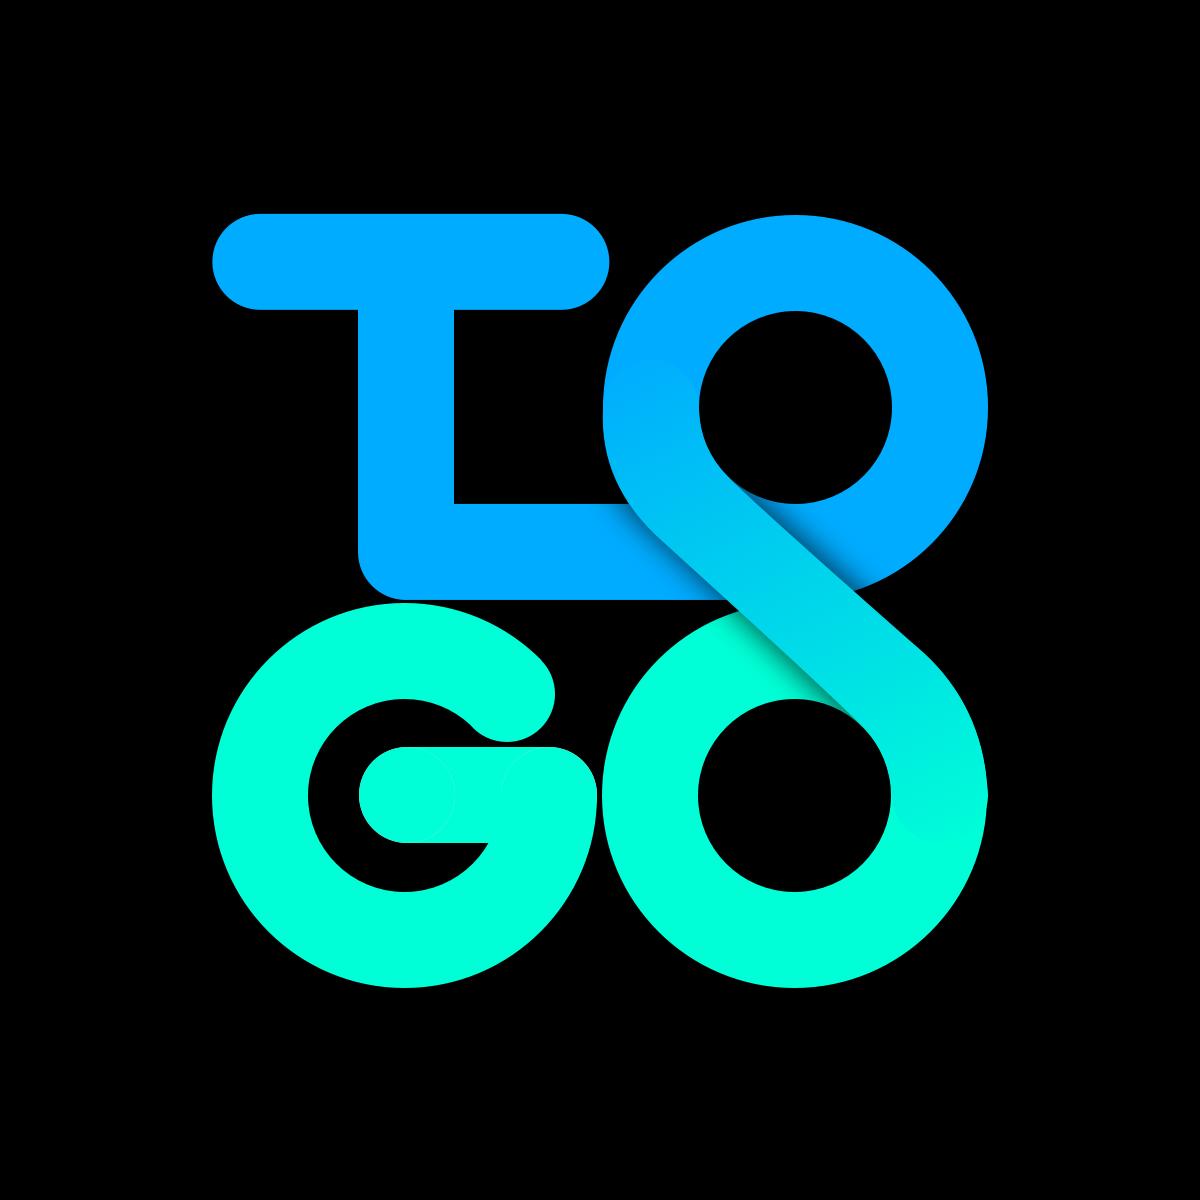 Разработать логотип и экран загрузки приложения фото f_4215a8729435342e.png